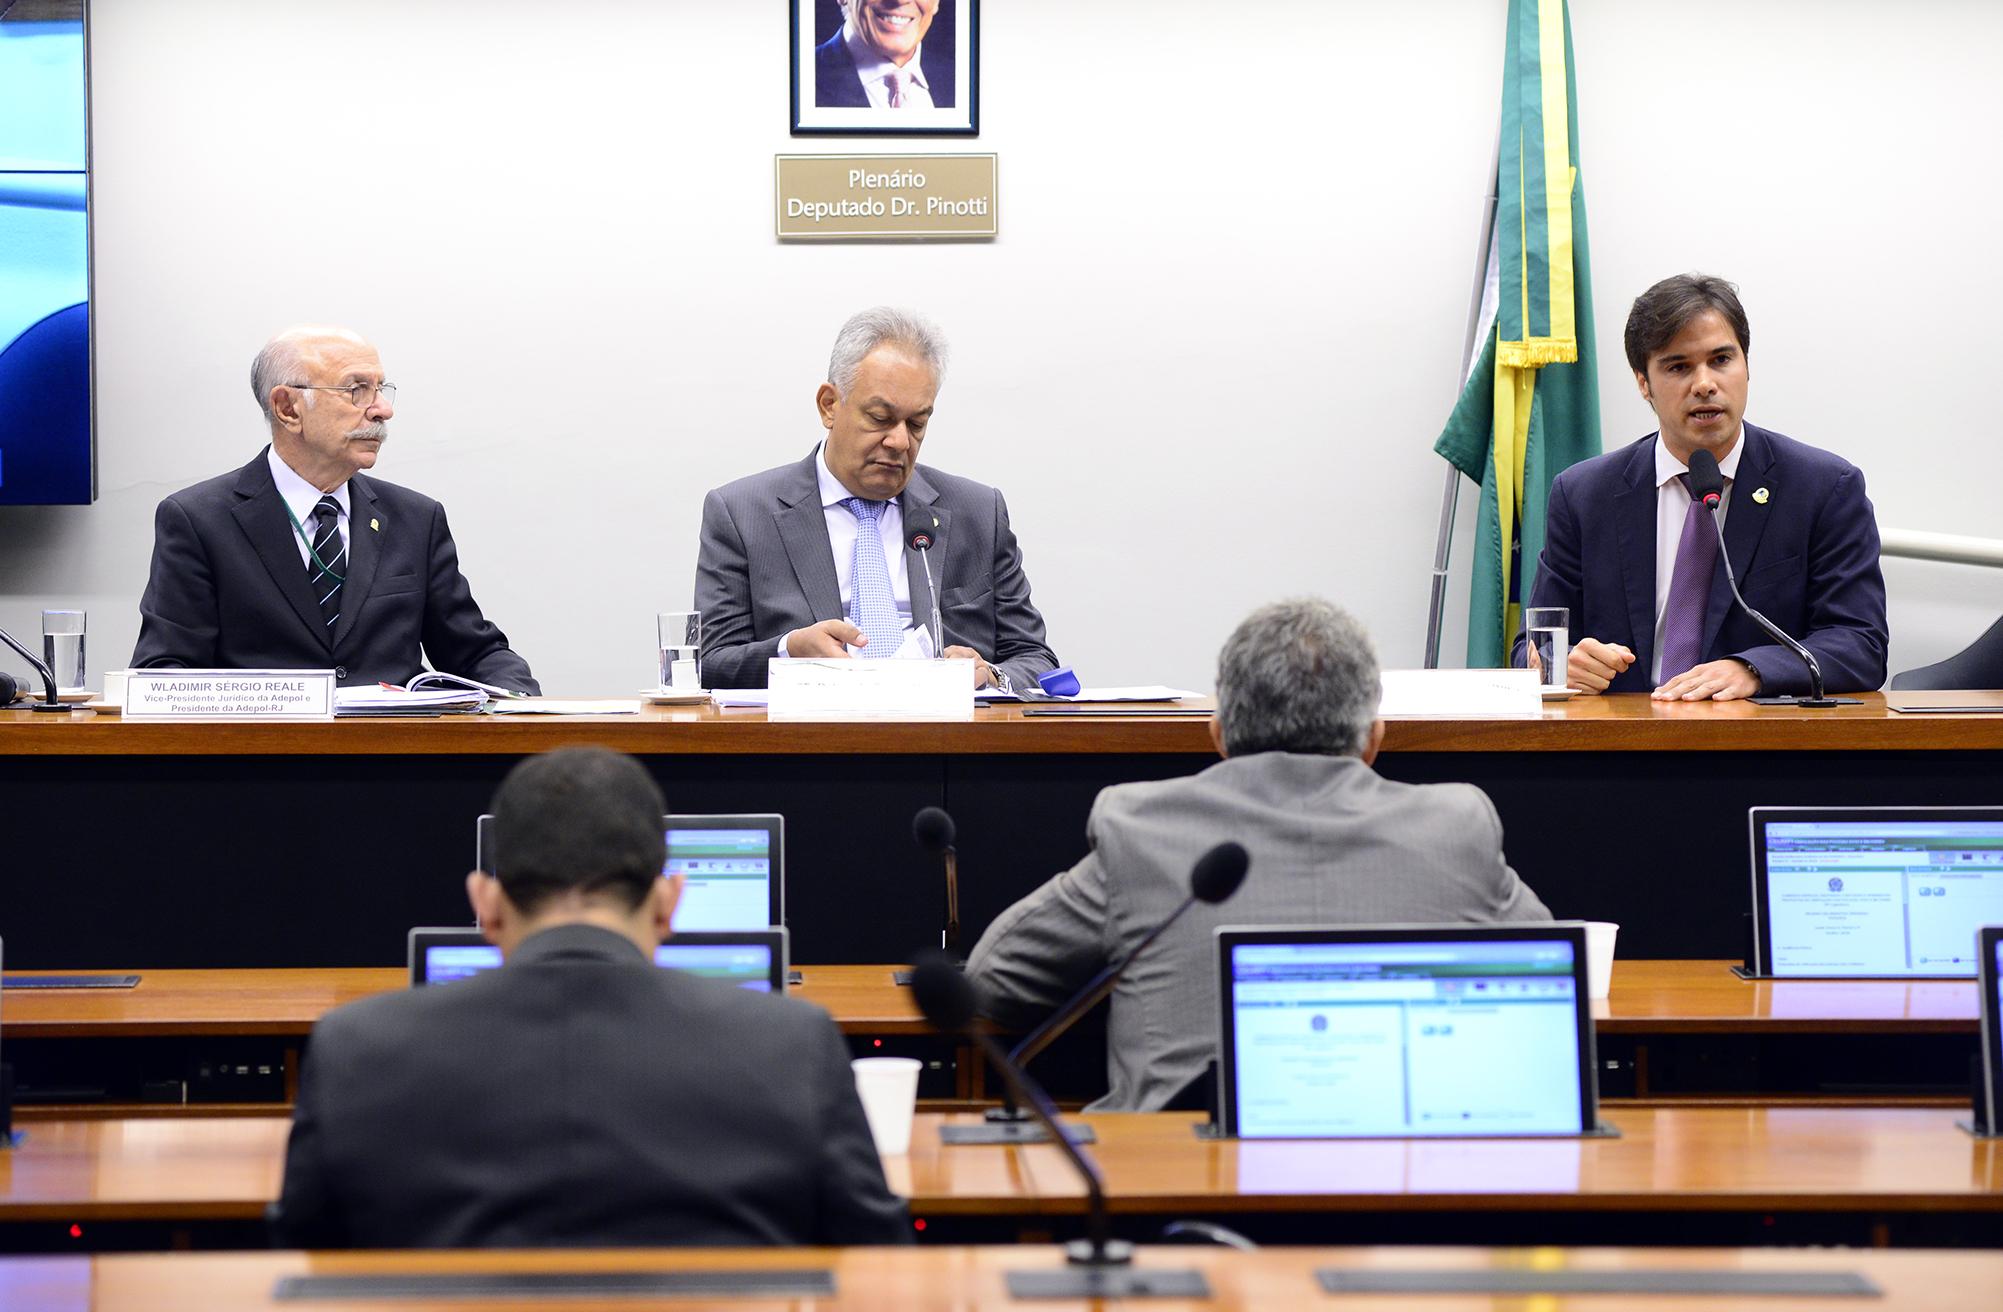 Audiência pública sobre a propostas de unificação das polícias civis e militares